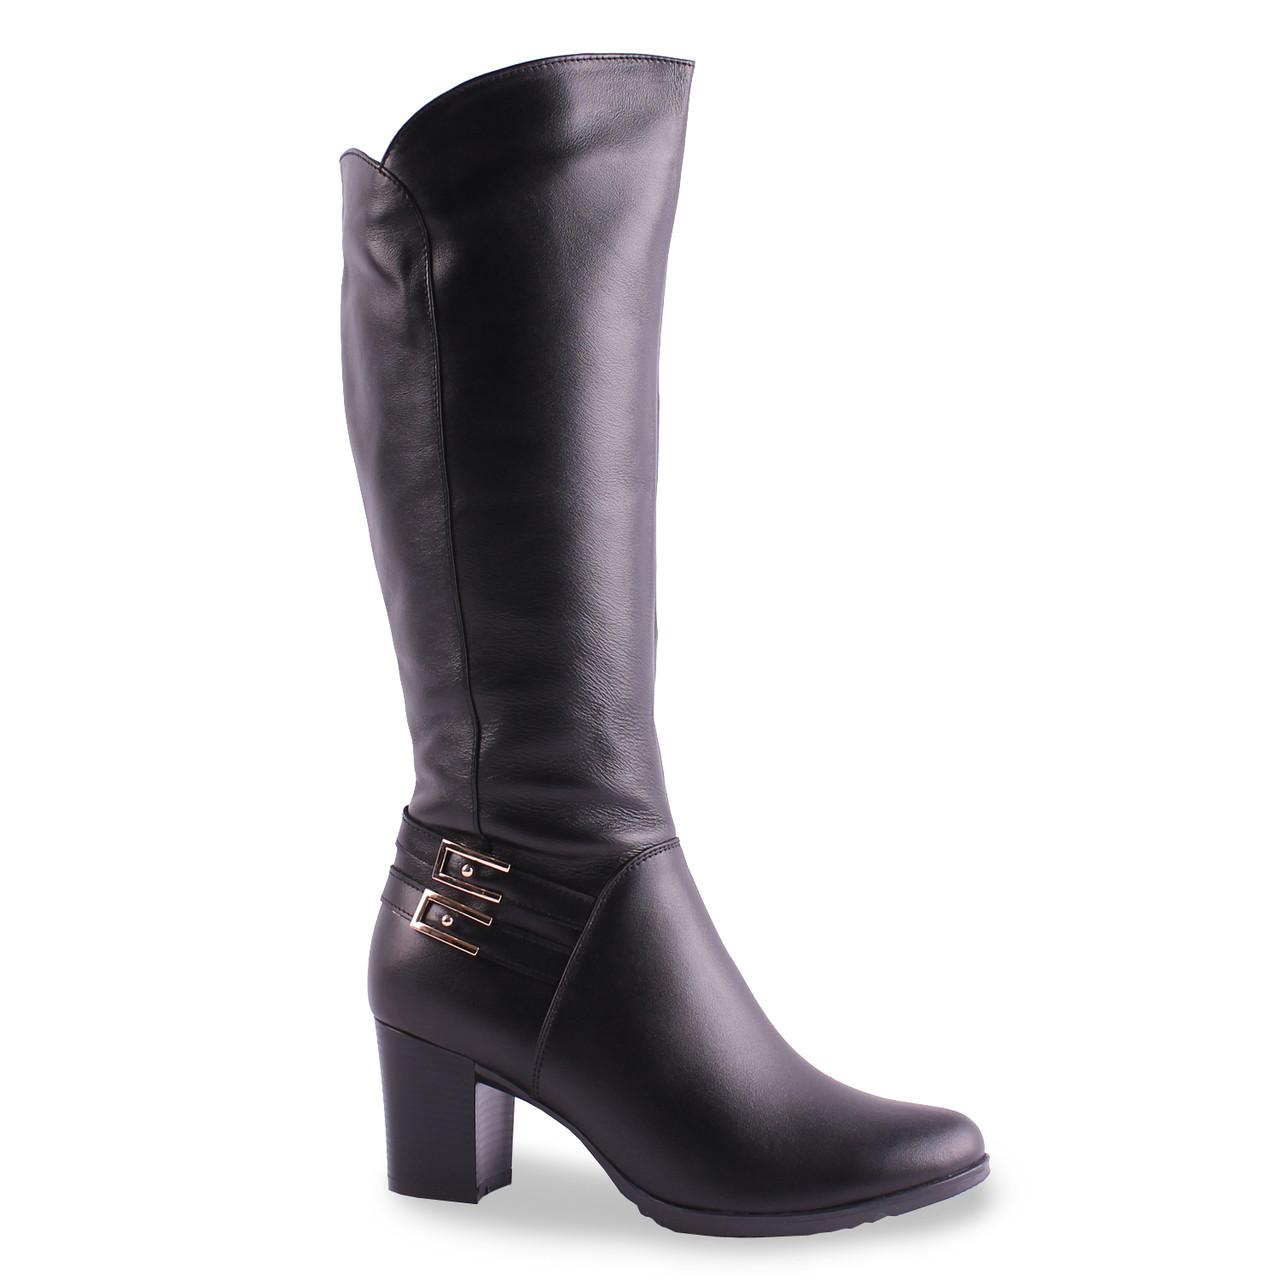 Модные женские сапоги Скорпион (кожаные,красивые, зимние, удобные, на каблуке, с красивыми пряжками,черные)